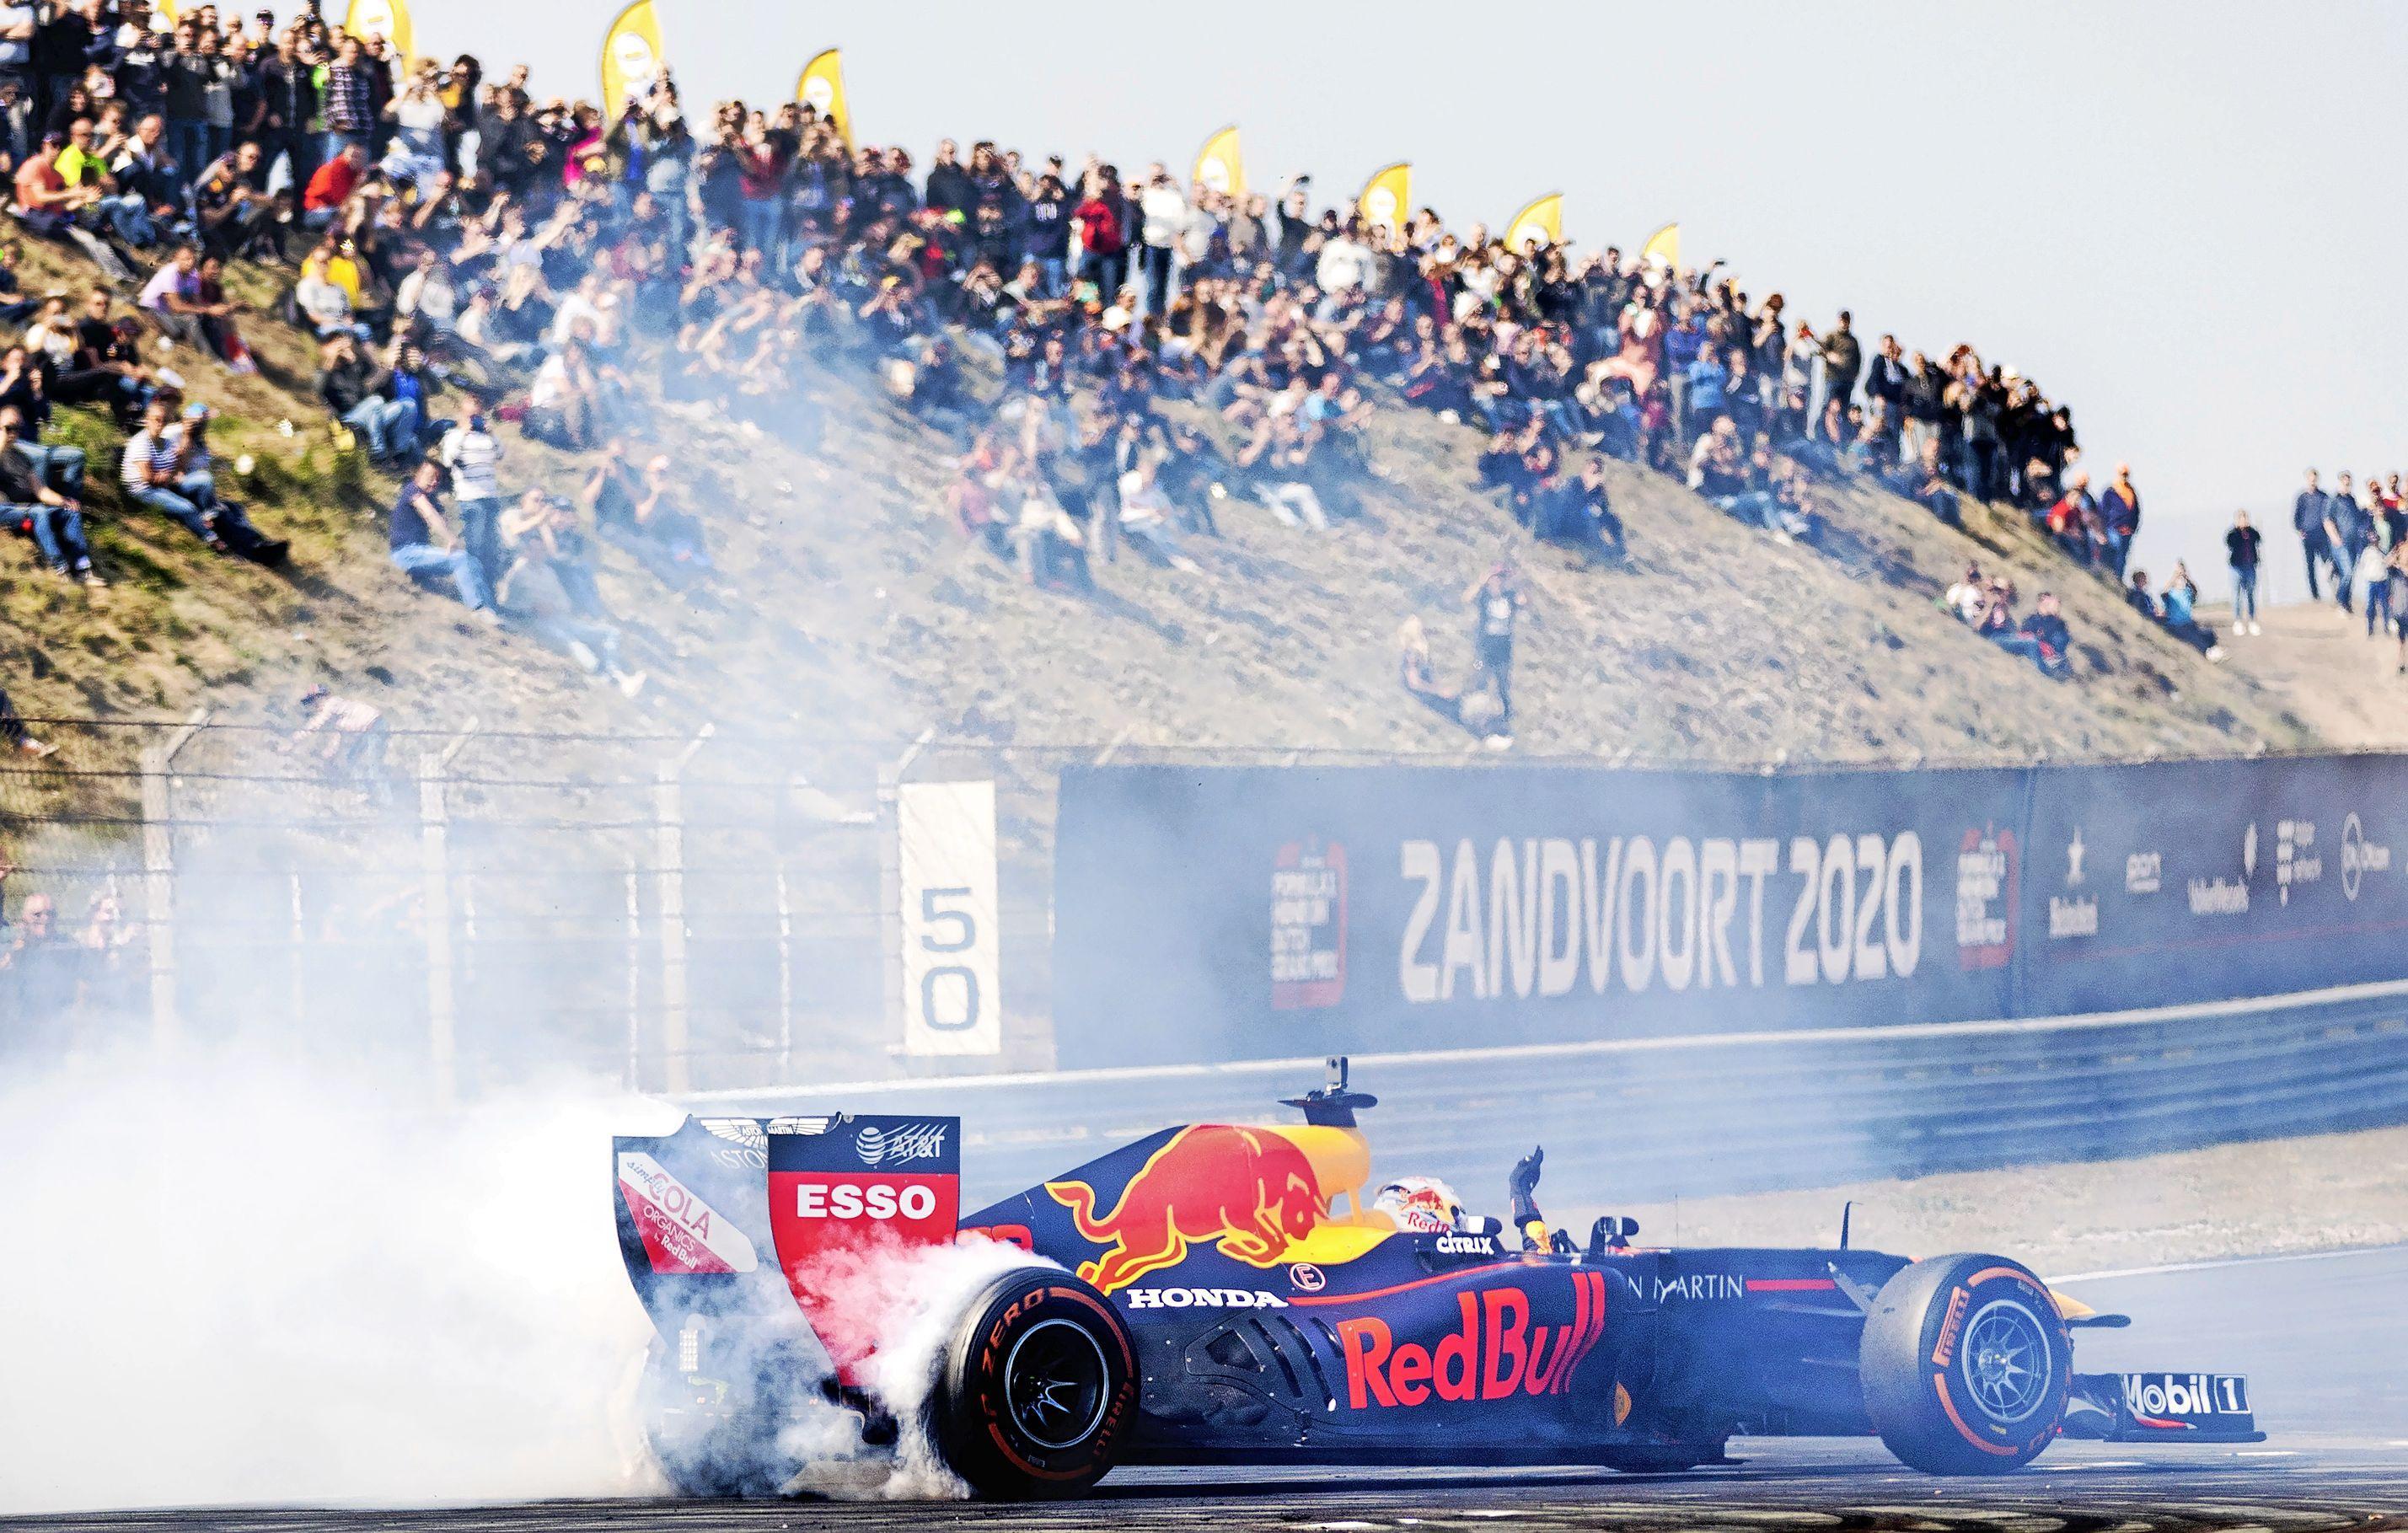 Zandvoort rekent ondanks coronamaatregelen op volle tribunes bij Formule 1